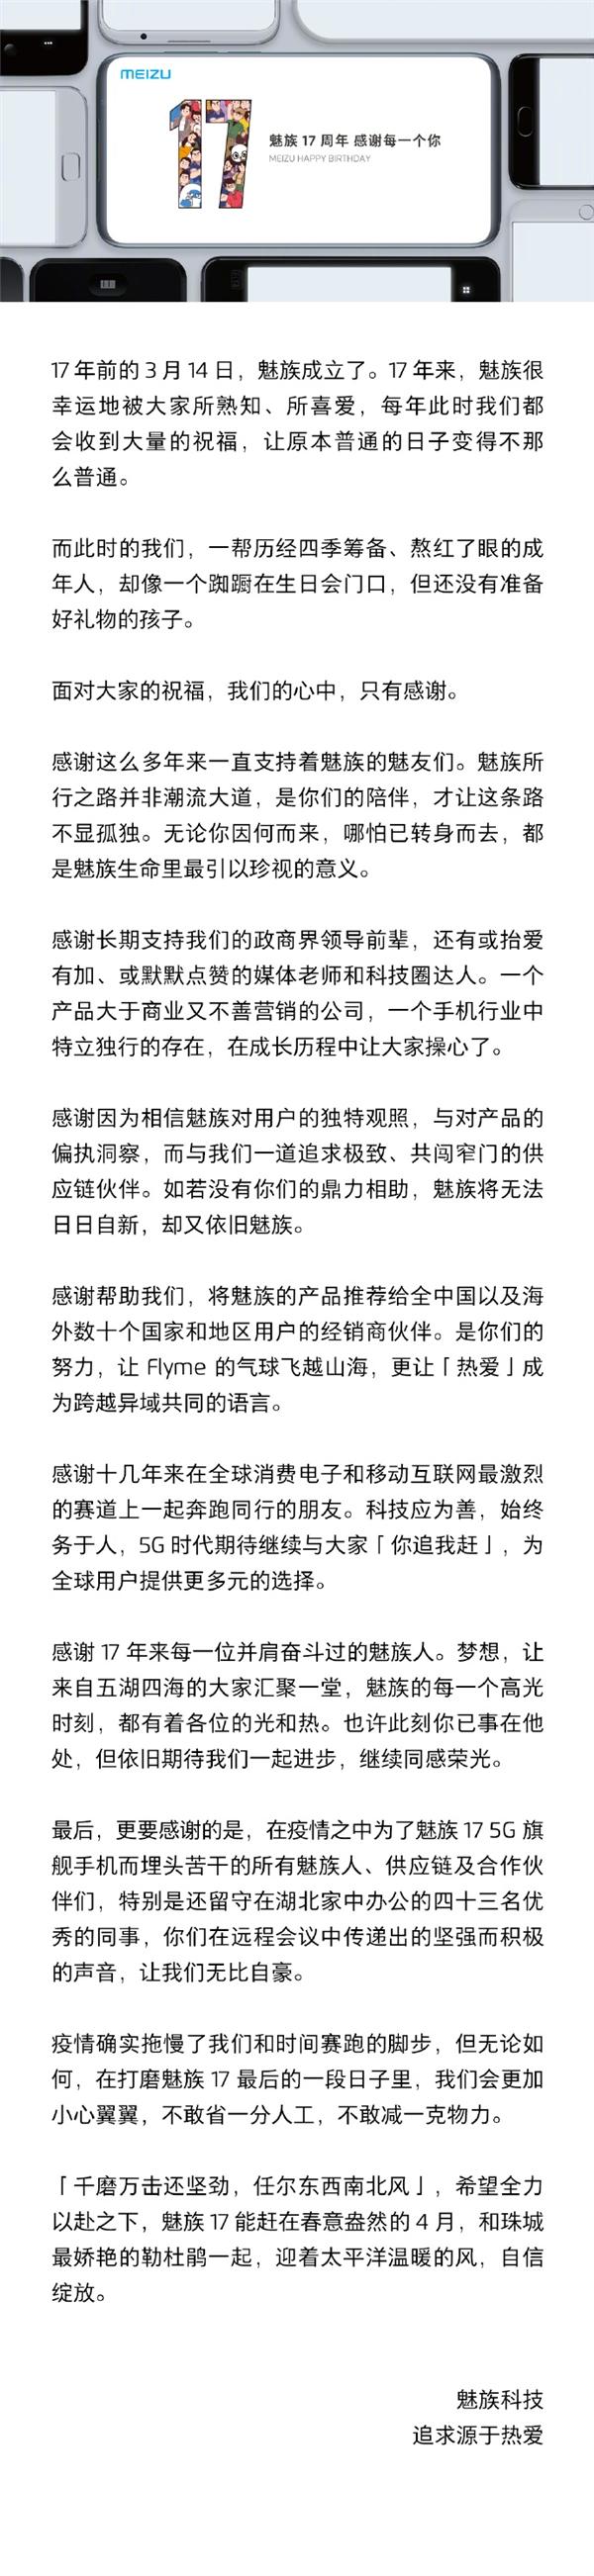 Выход Meizu 17 в апреле подтвержден – фото 2